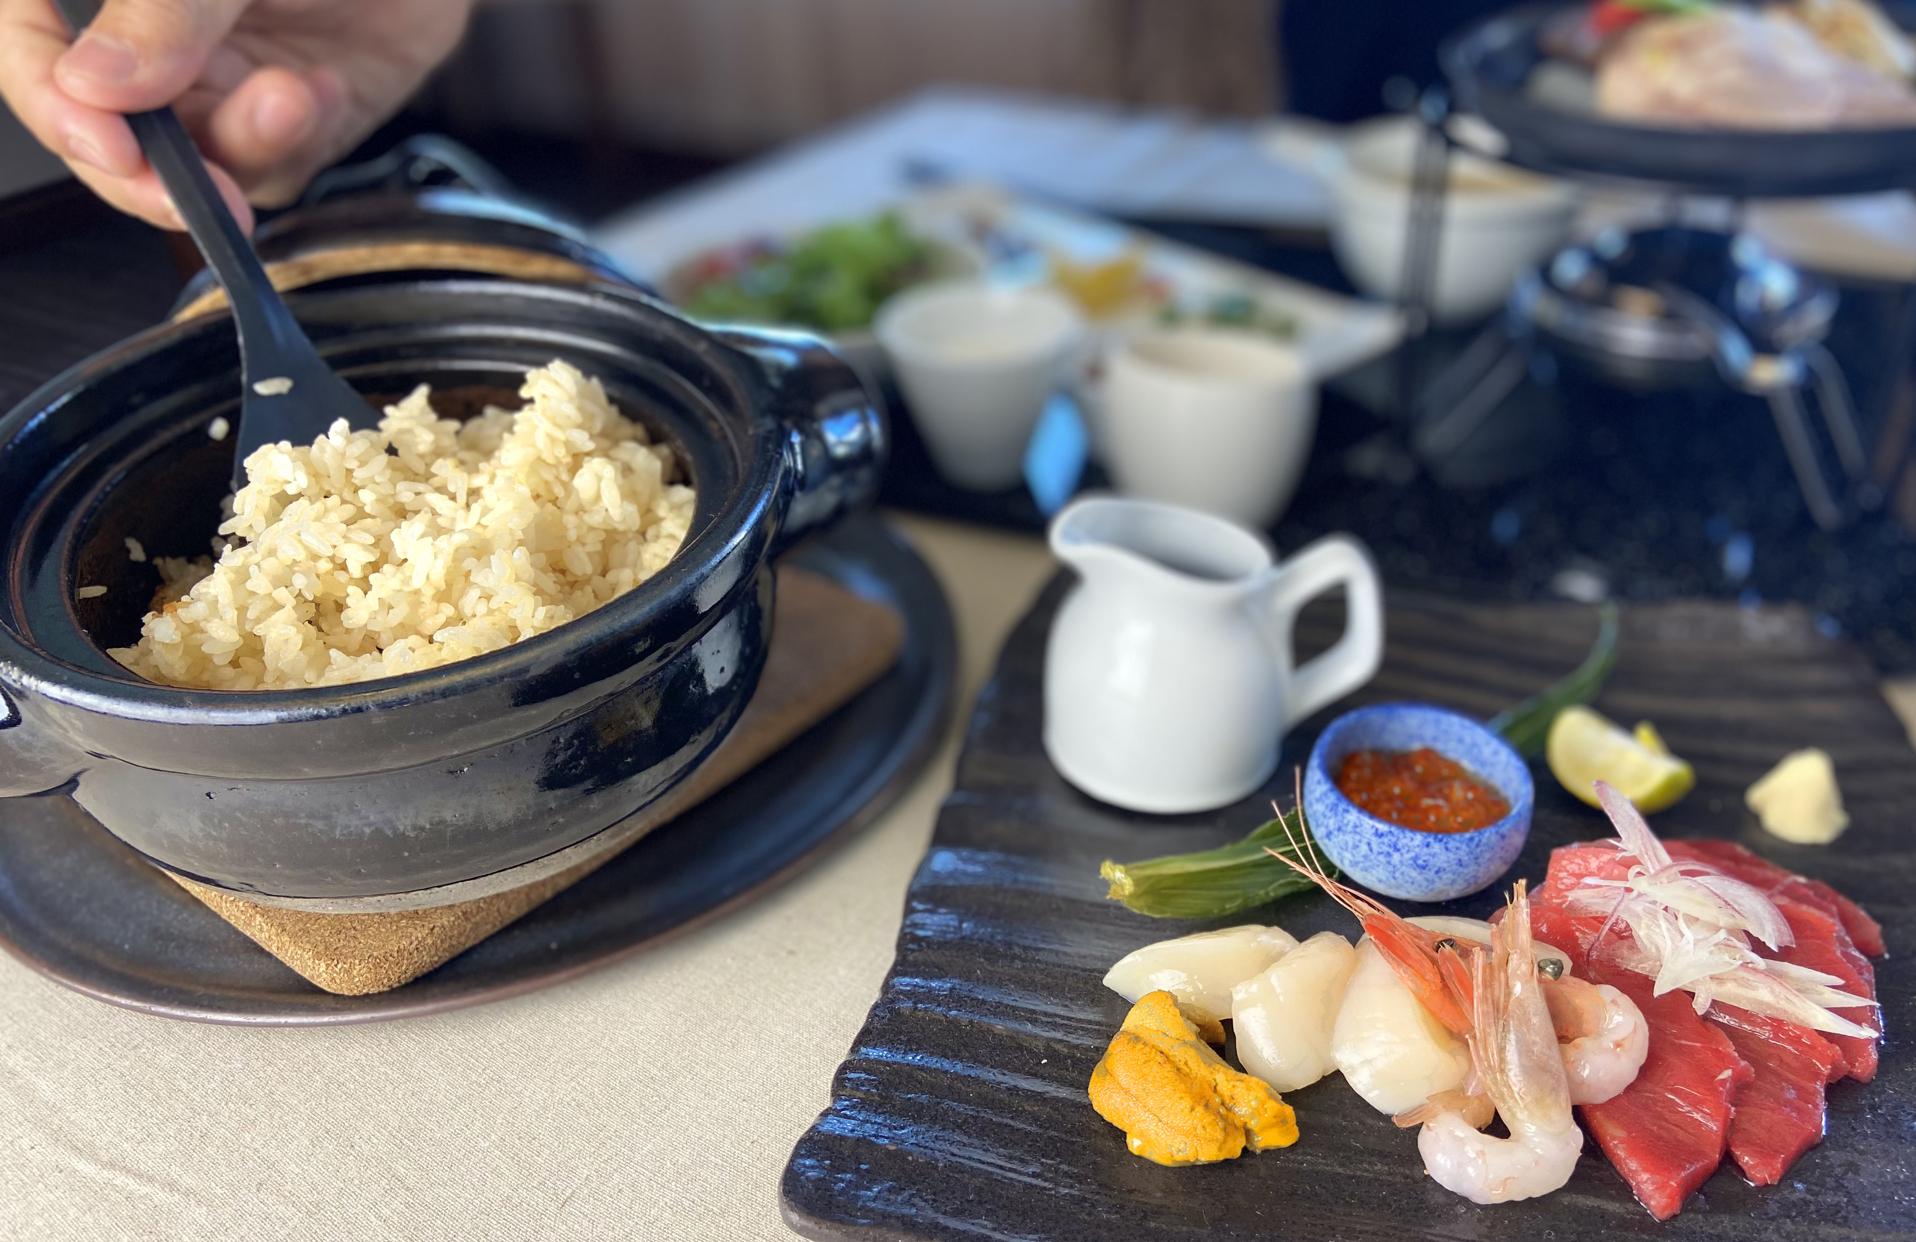 土鍋ごはん フレンチ 炊き立て 小樽 北海道 ワイン コロナ対策